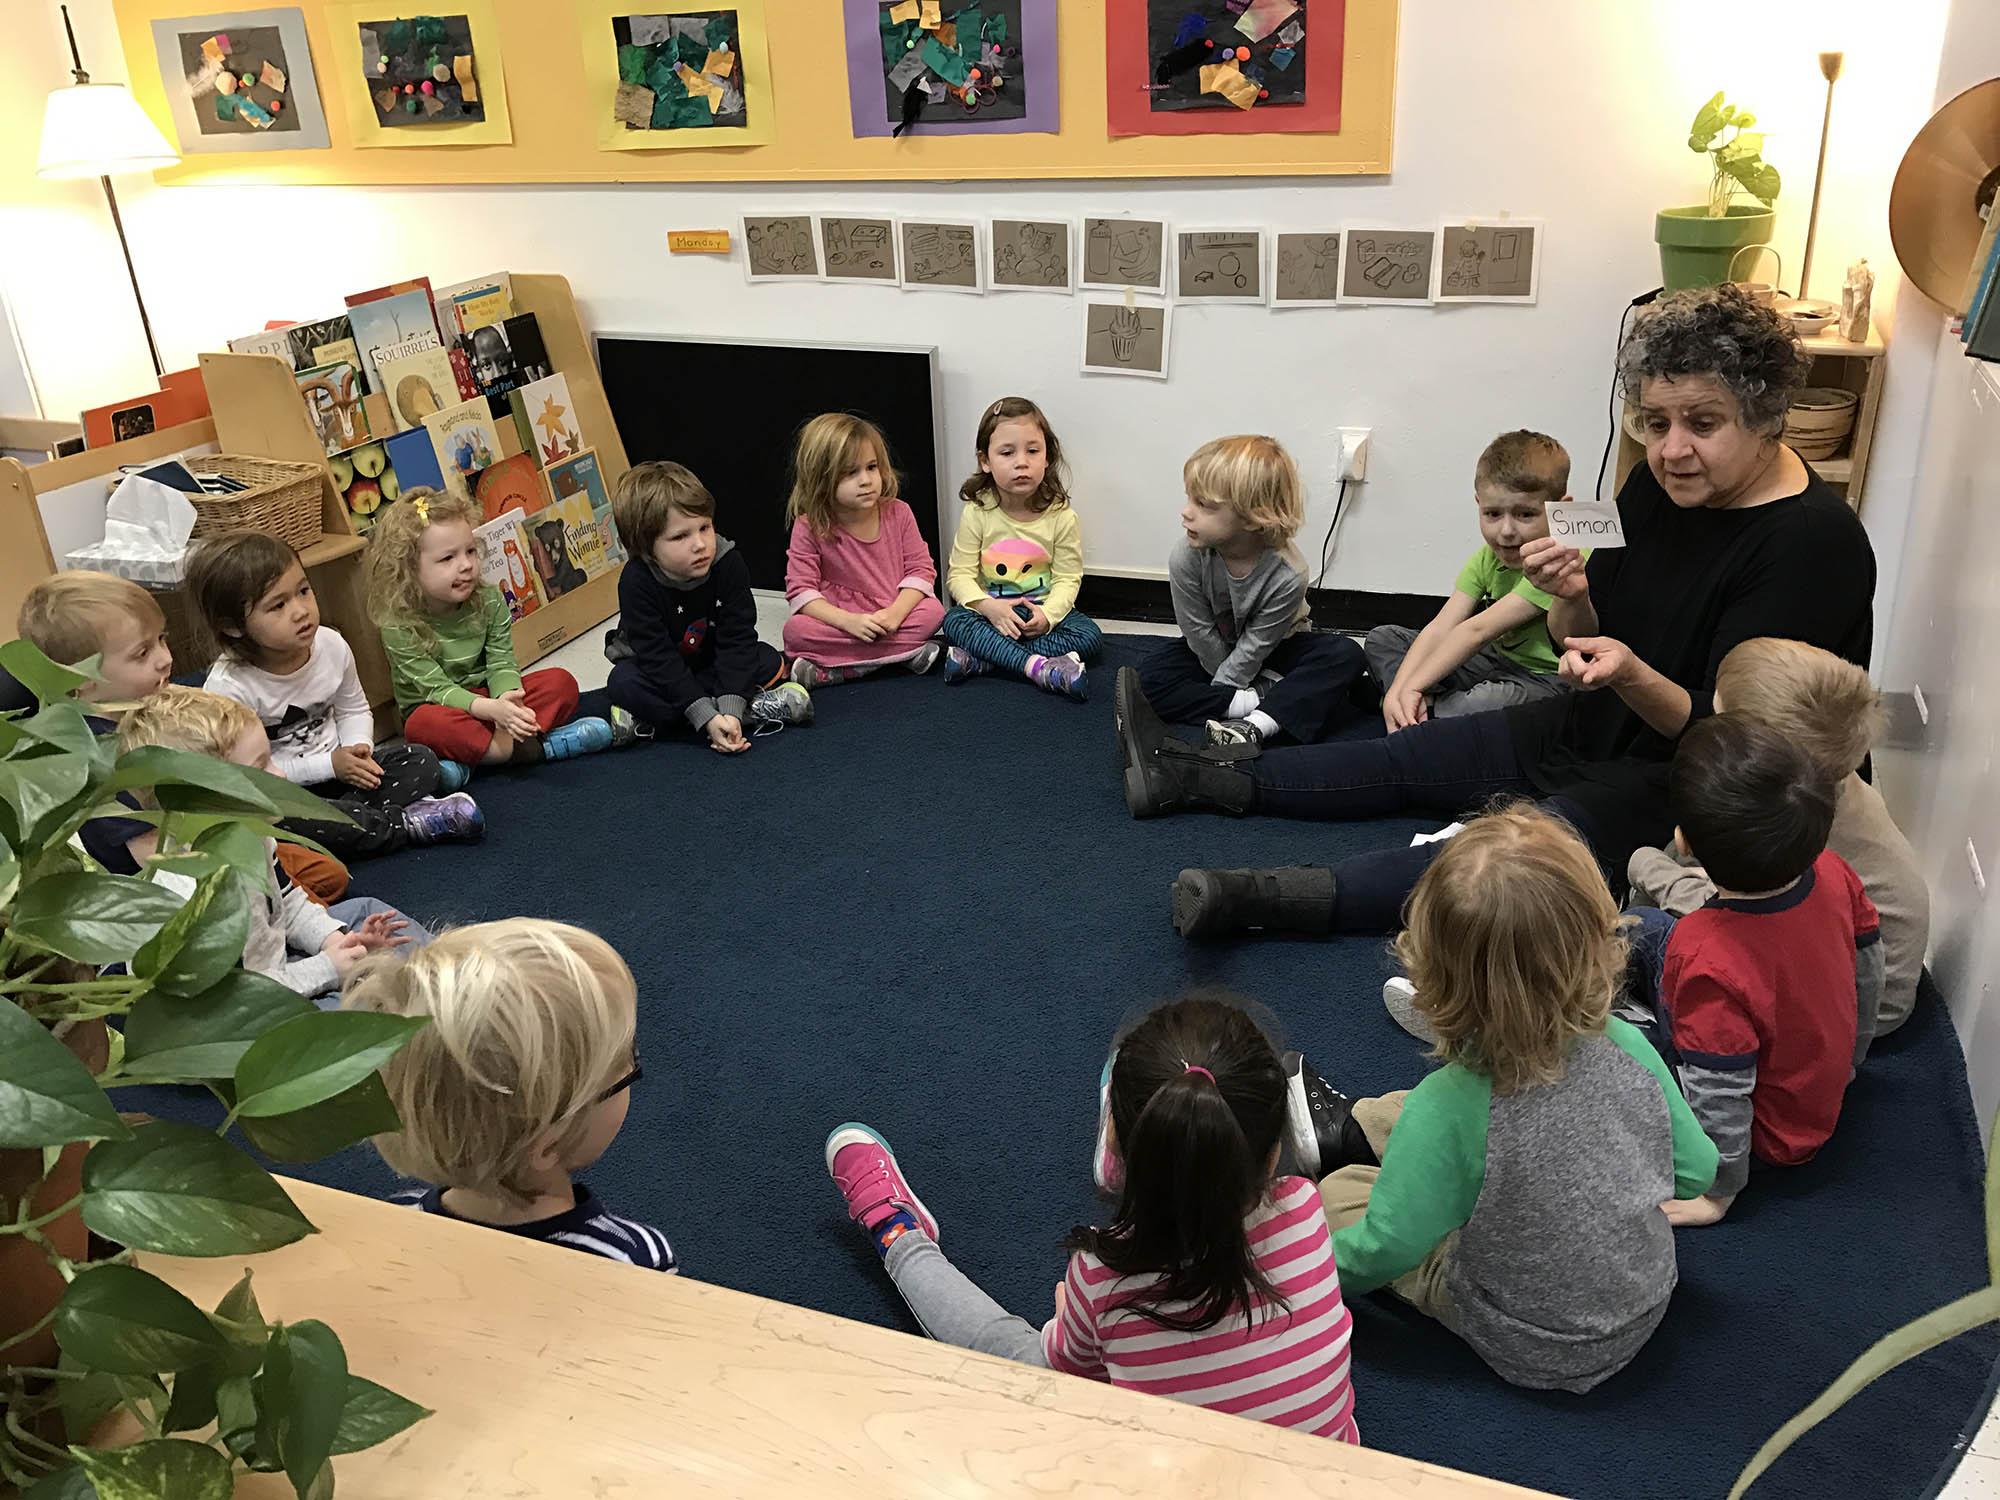 preschool goals meetings meeting teacher teachers parent choosing winter elaine prek class scholastic grades blogs december begin